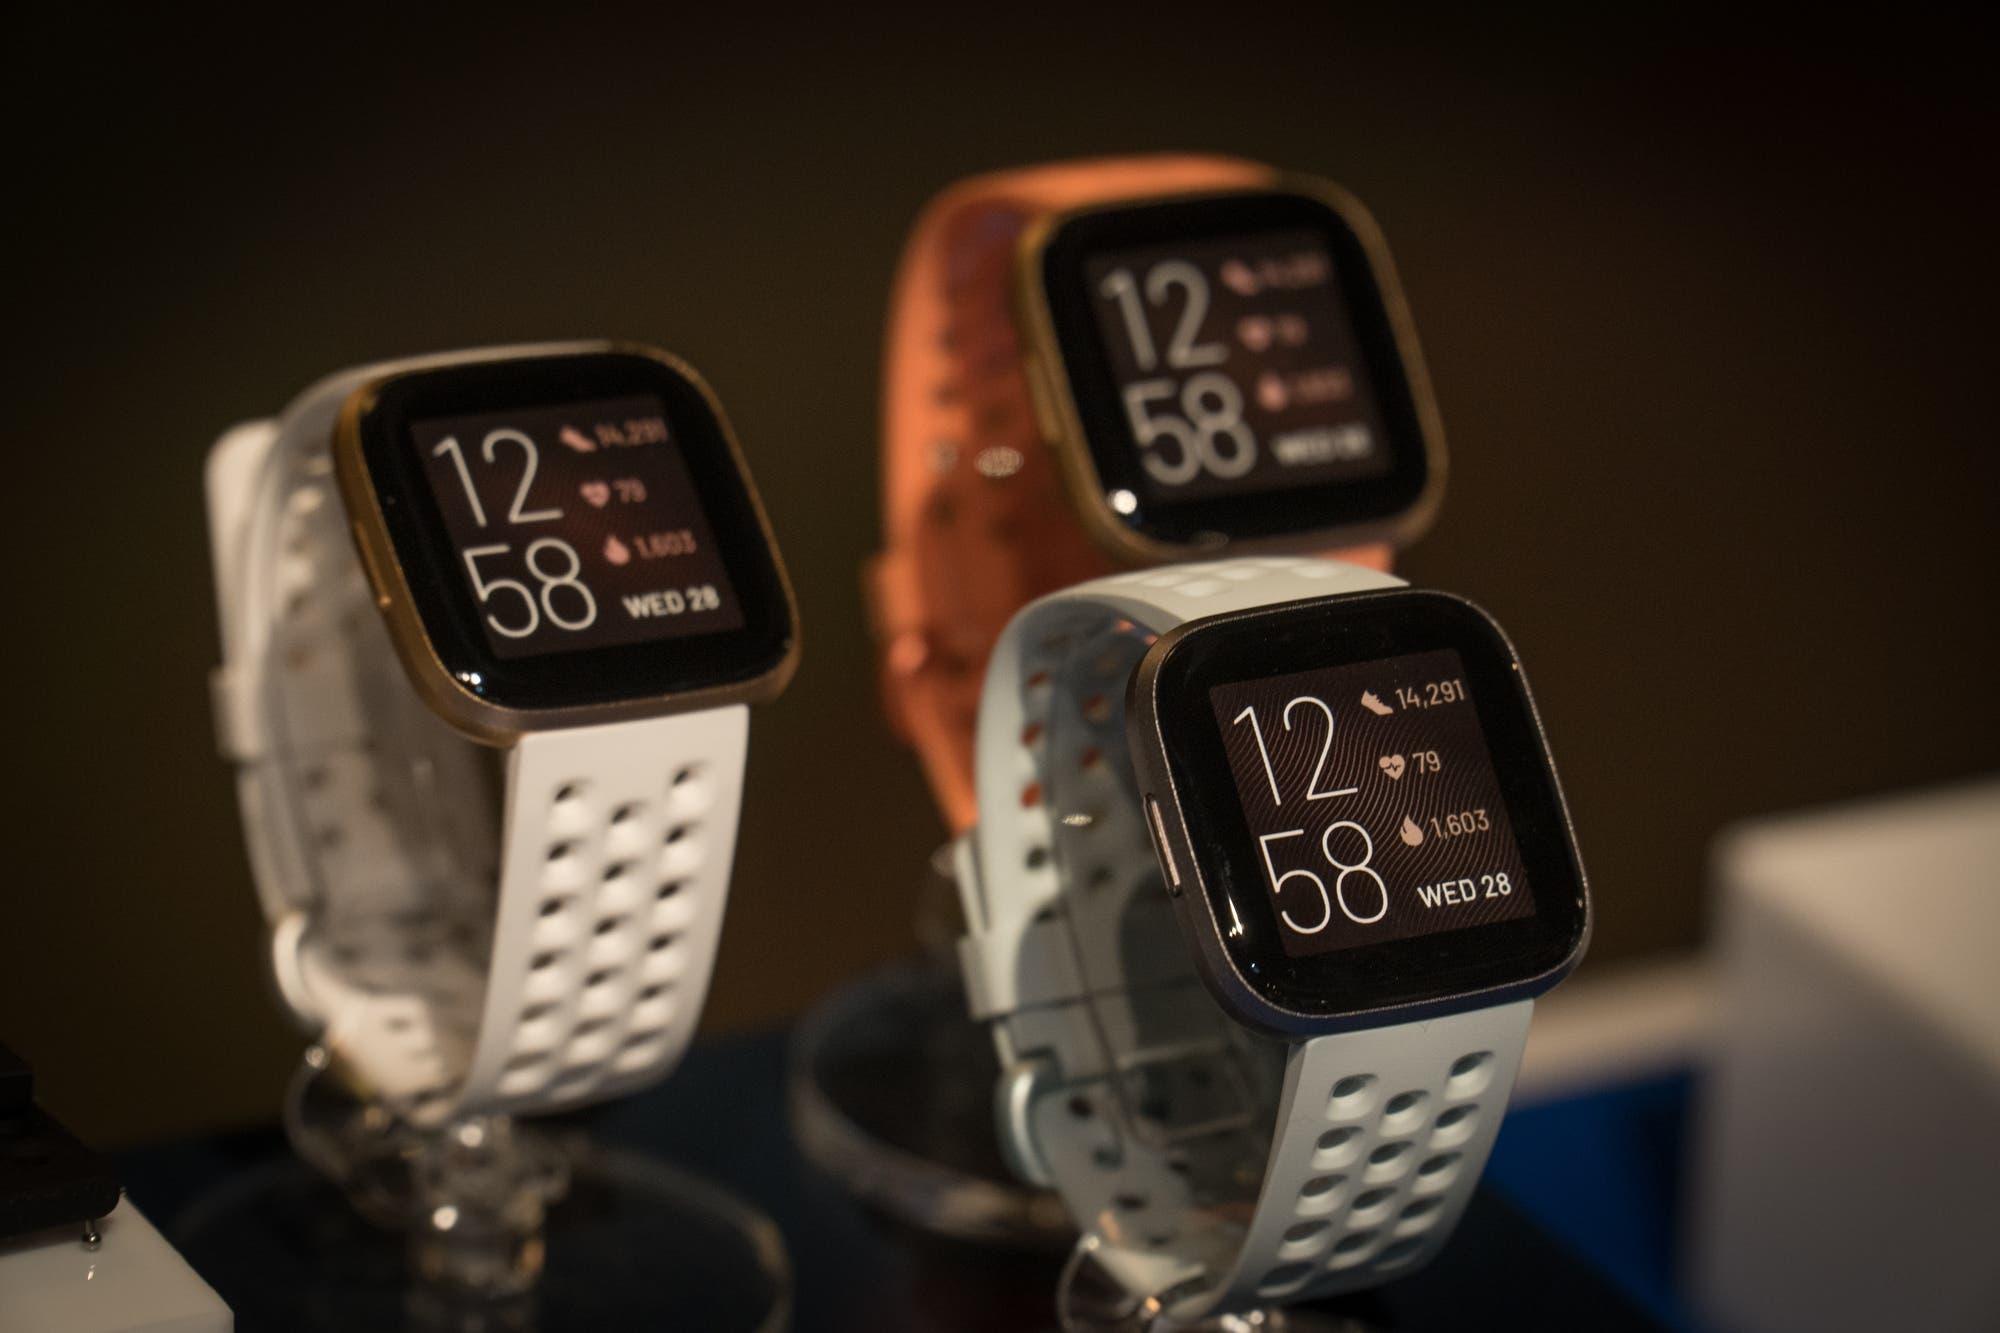 Los relojes Ionic y Versa de Fitbit ahora miden la oxigenación en sangre con una actualización de firmware